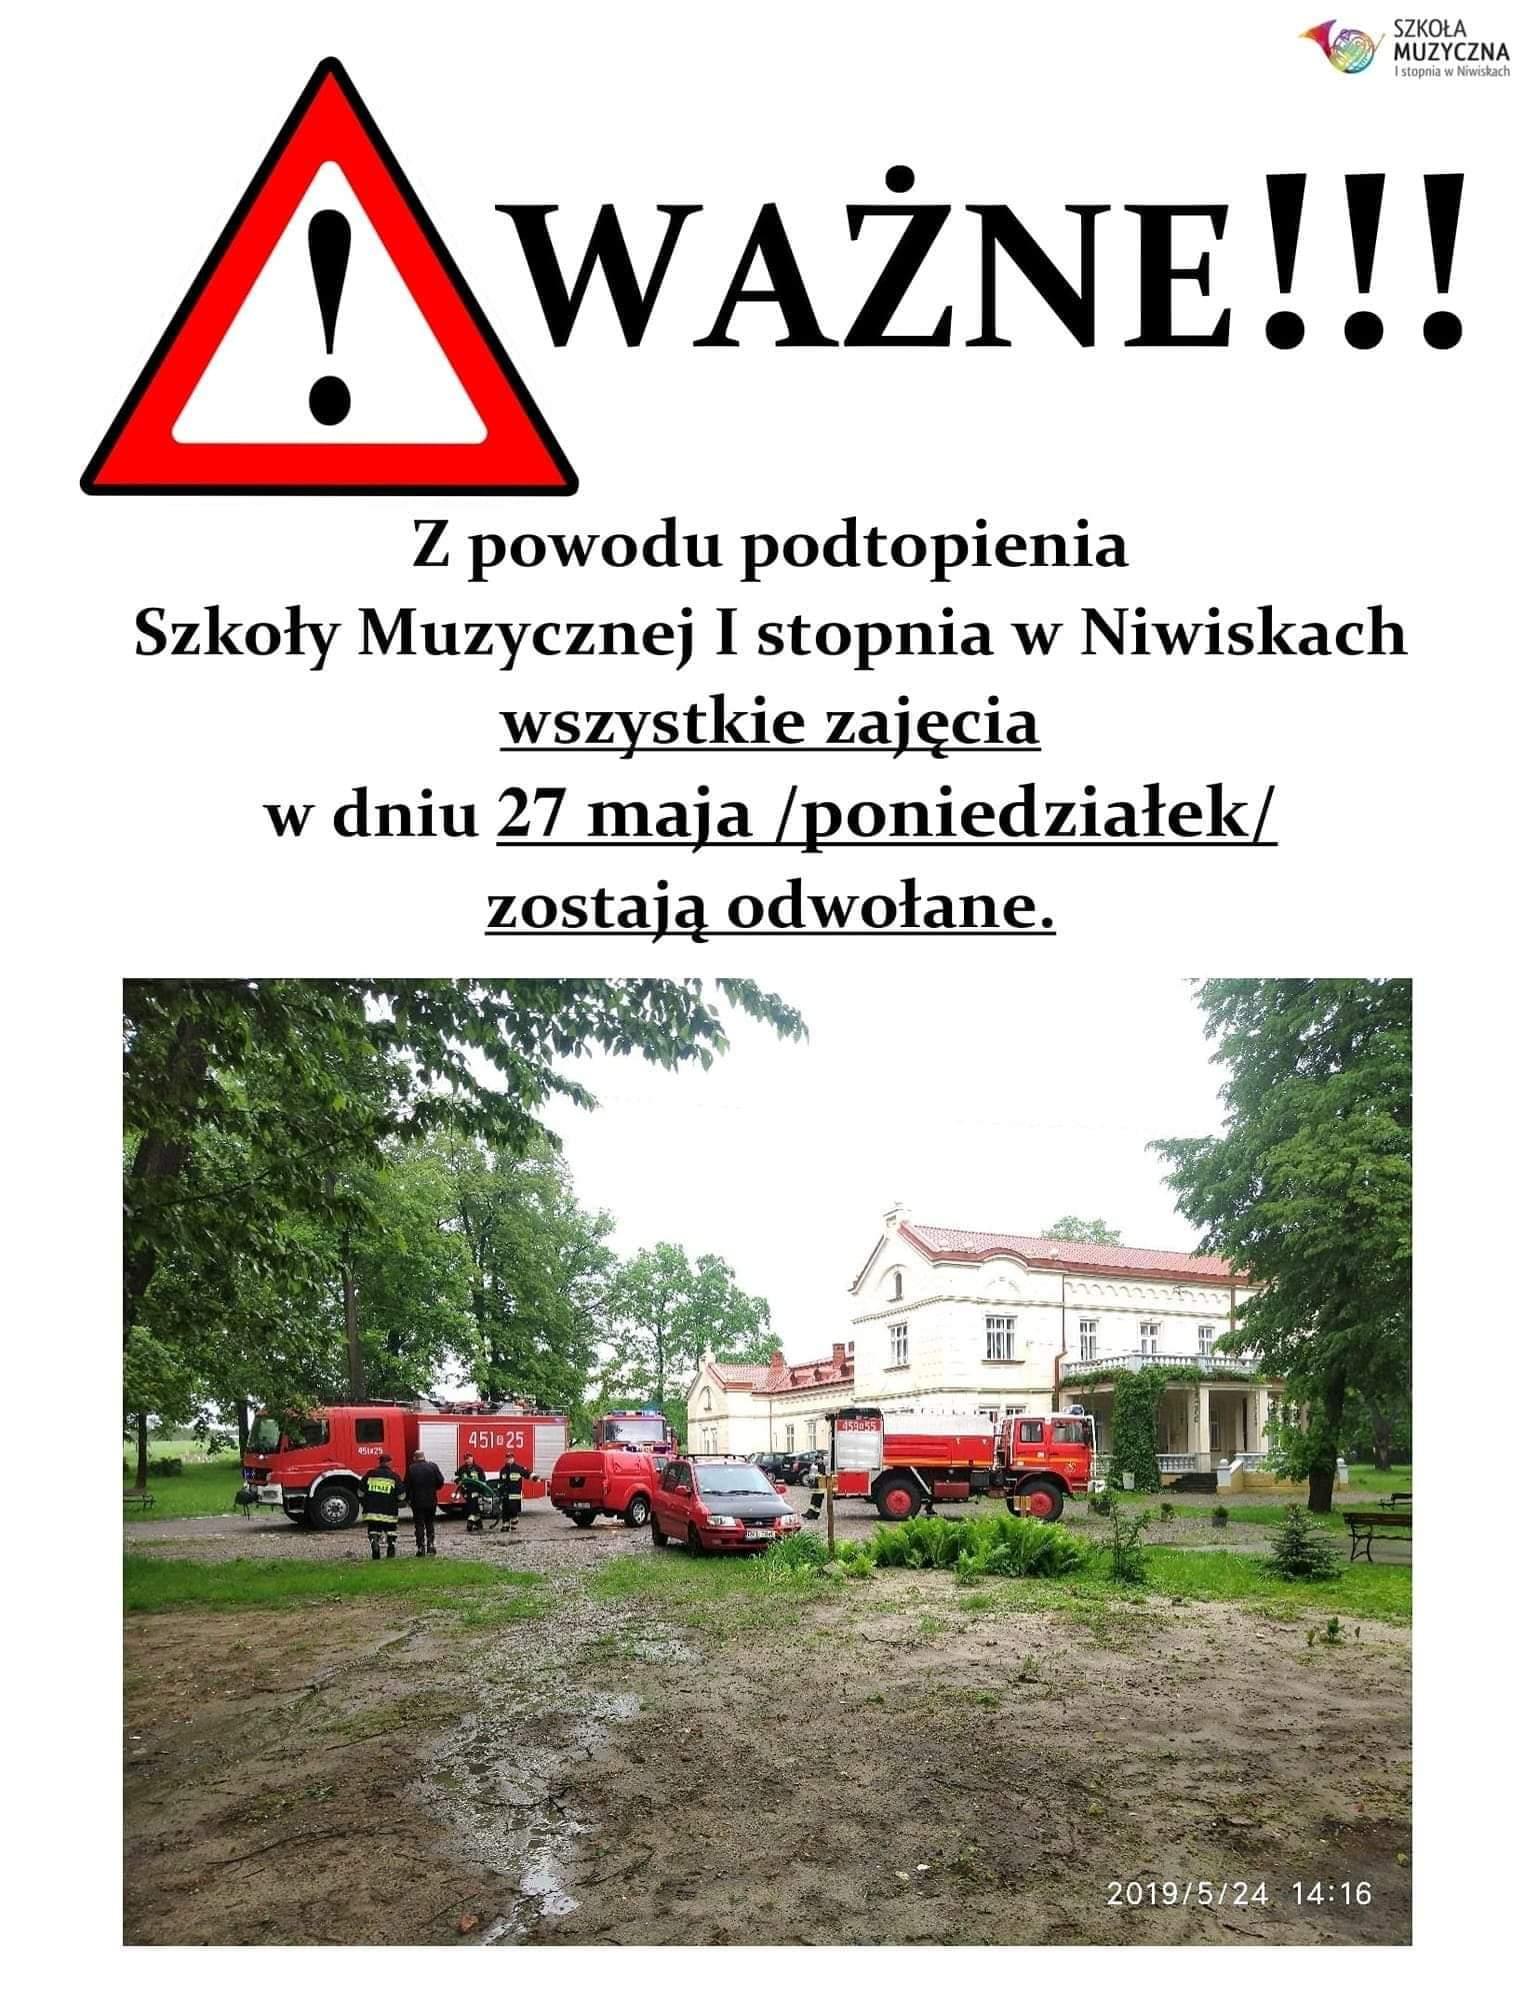 Podtopiona Szkoła Muzyczna w Niwiskach. Zajęcia zastają odwołane - Zdjęcie główne